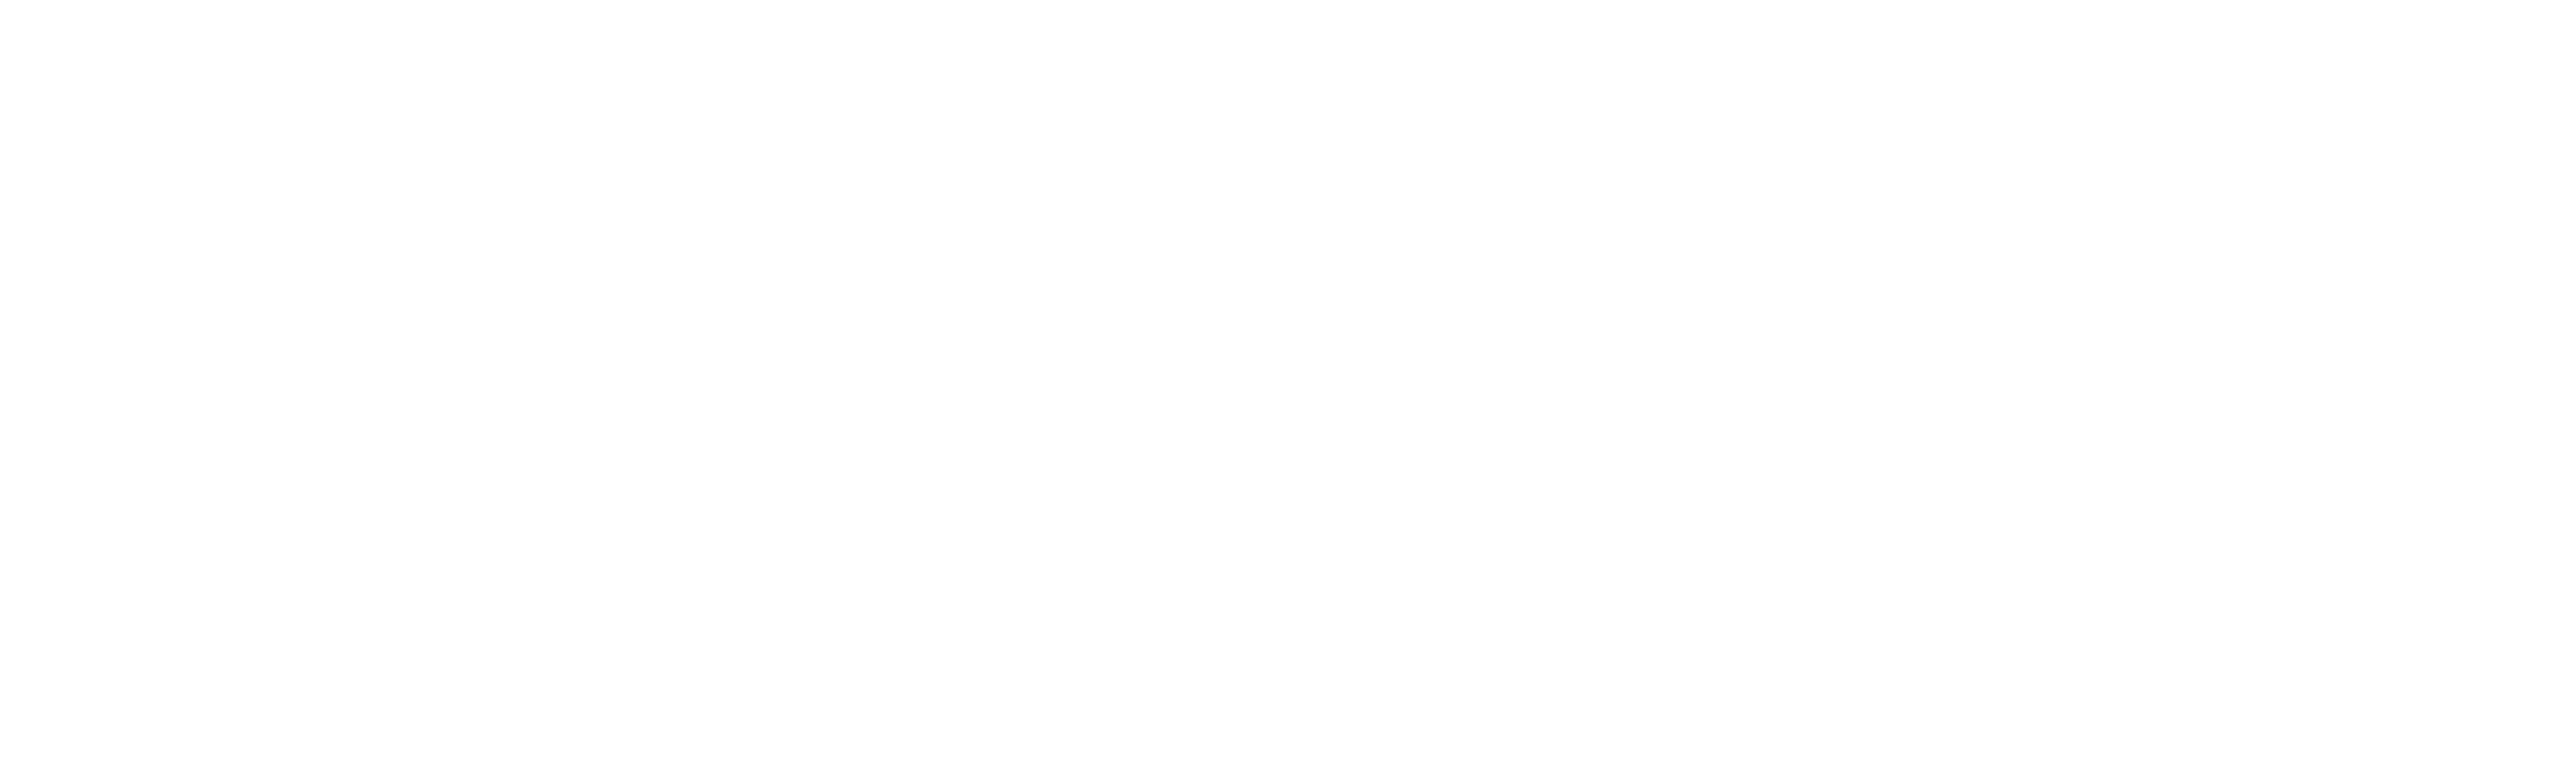 MA_REV